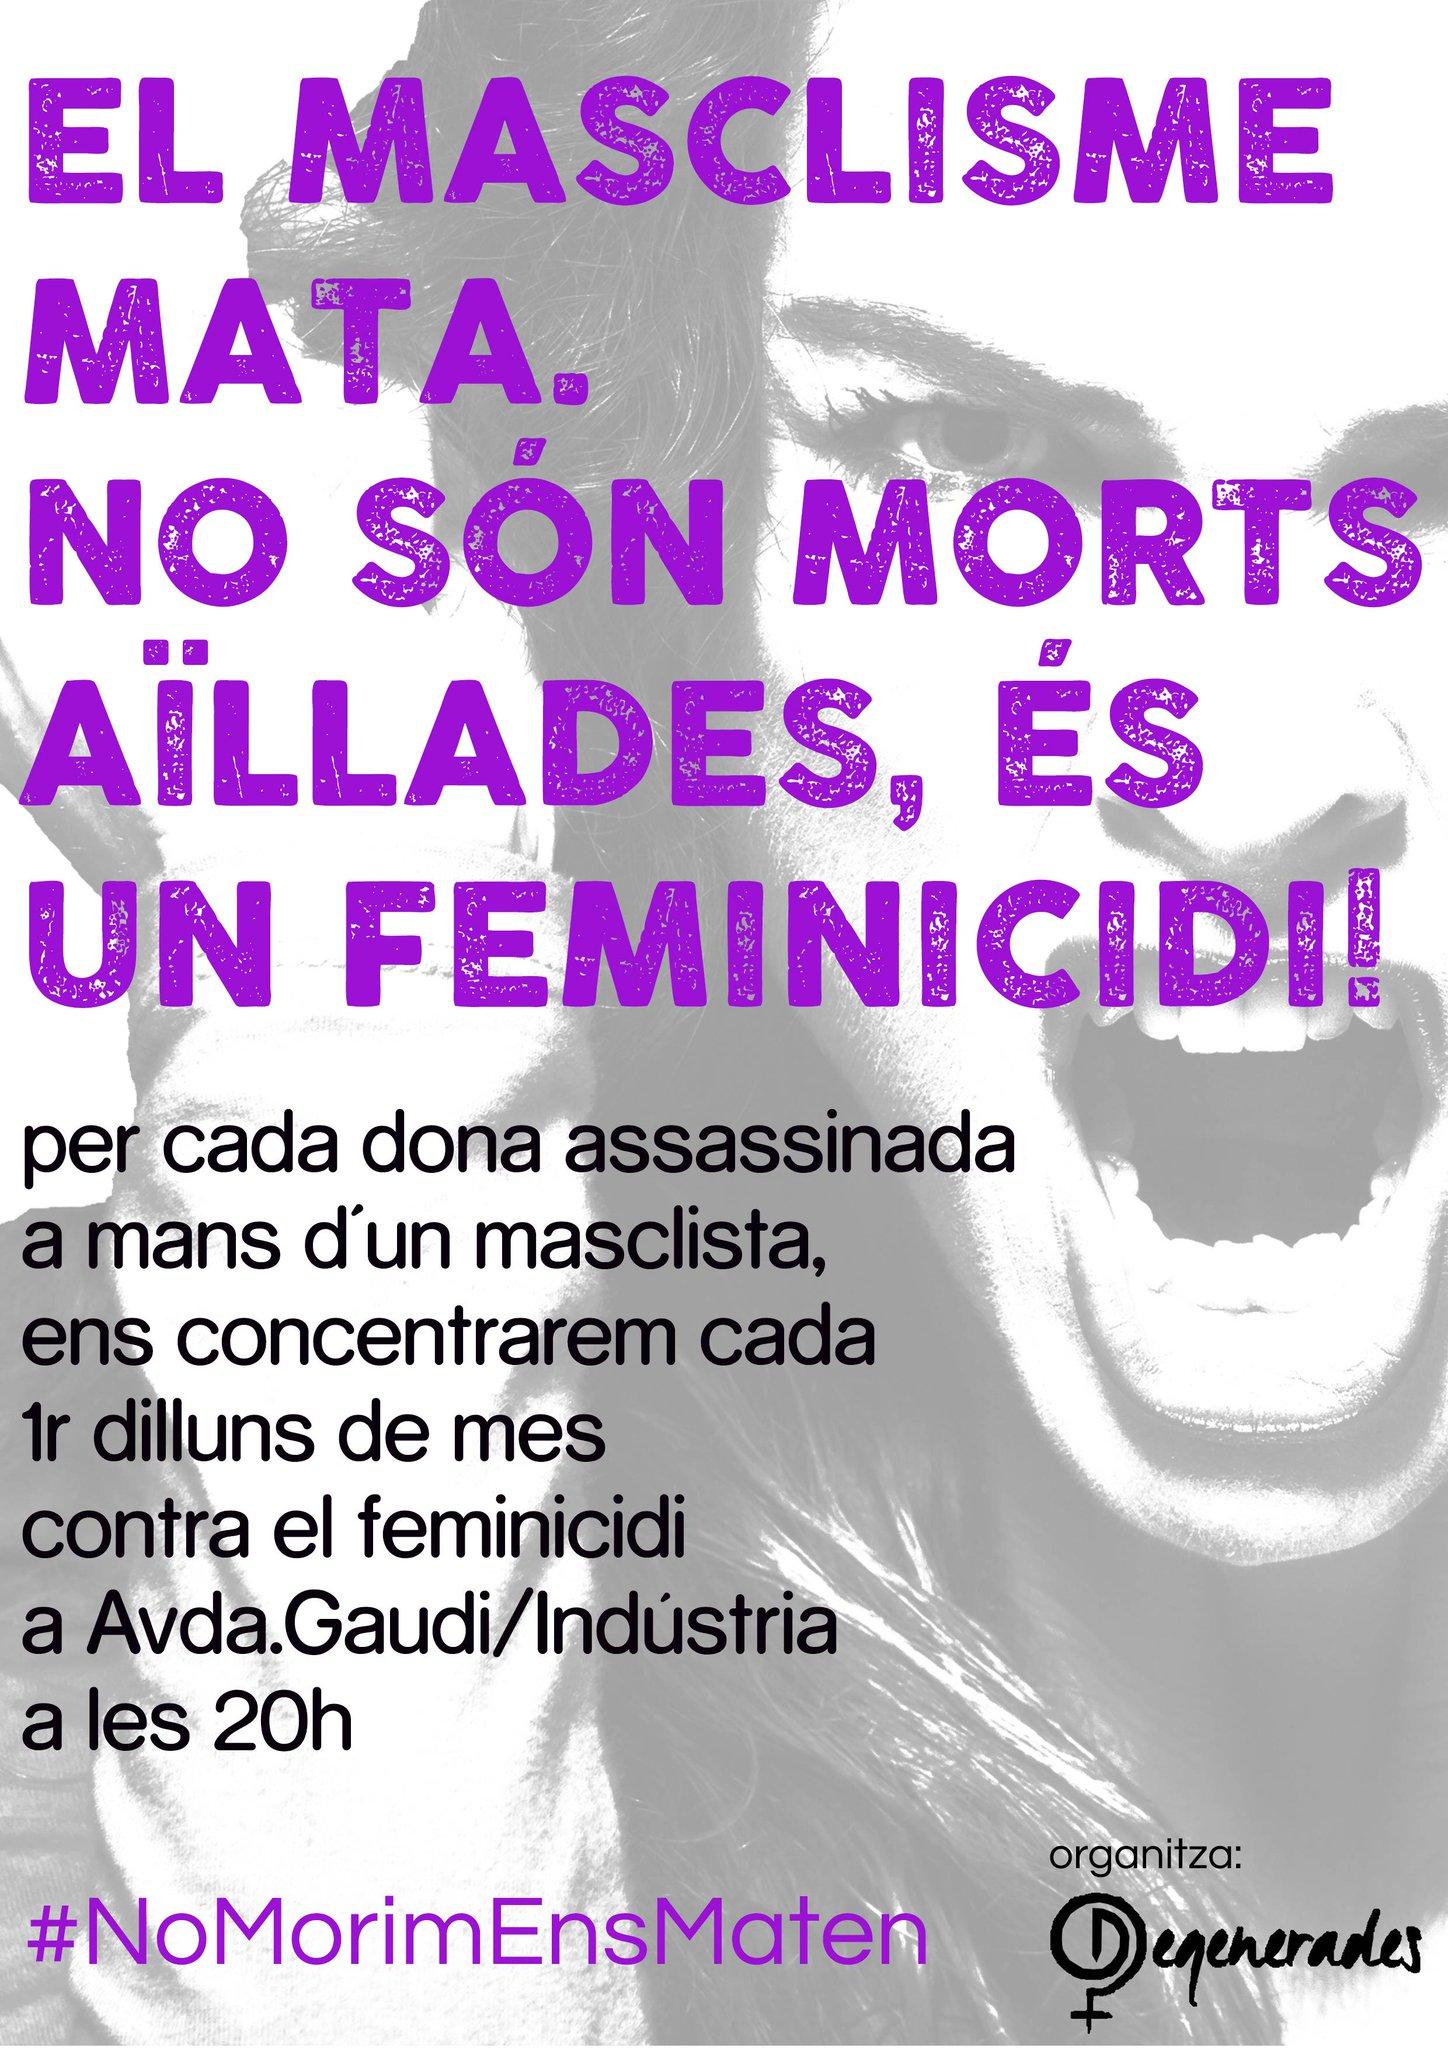 Avui a les 20h a l'Avinguda Gaudí/Indústria cridarem que #EnsVolemVives #ProuViolències http://t.co/WN3C6nNQCt